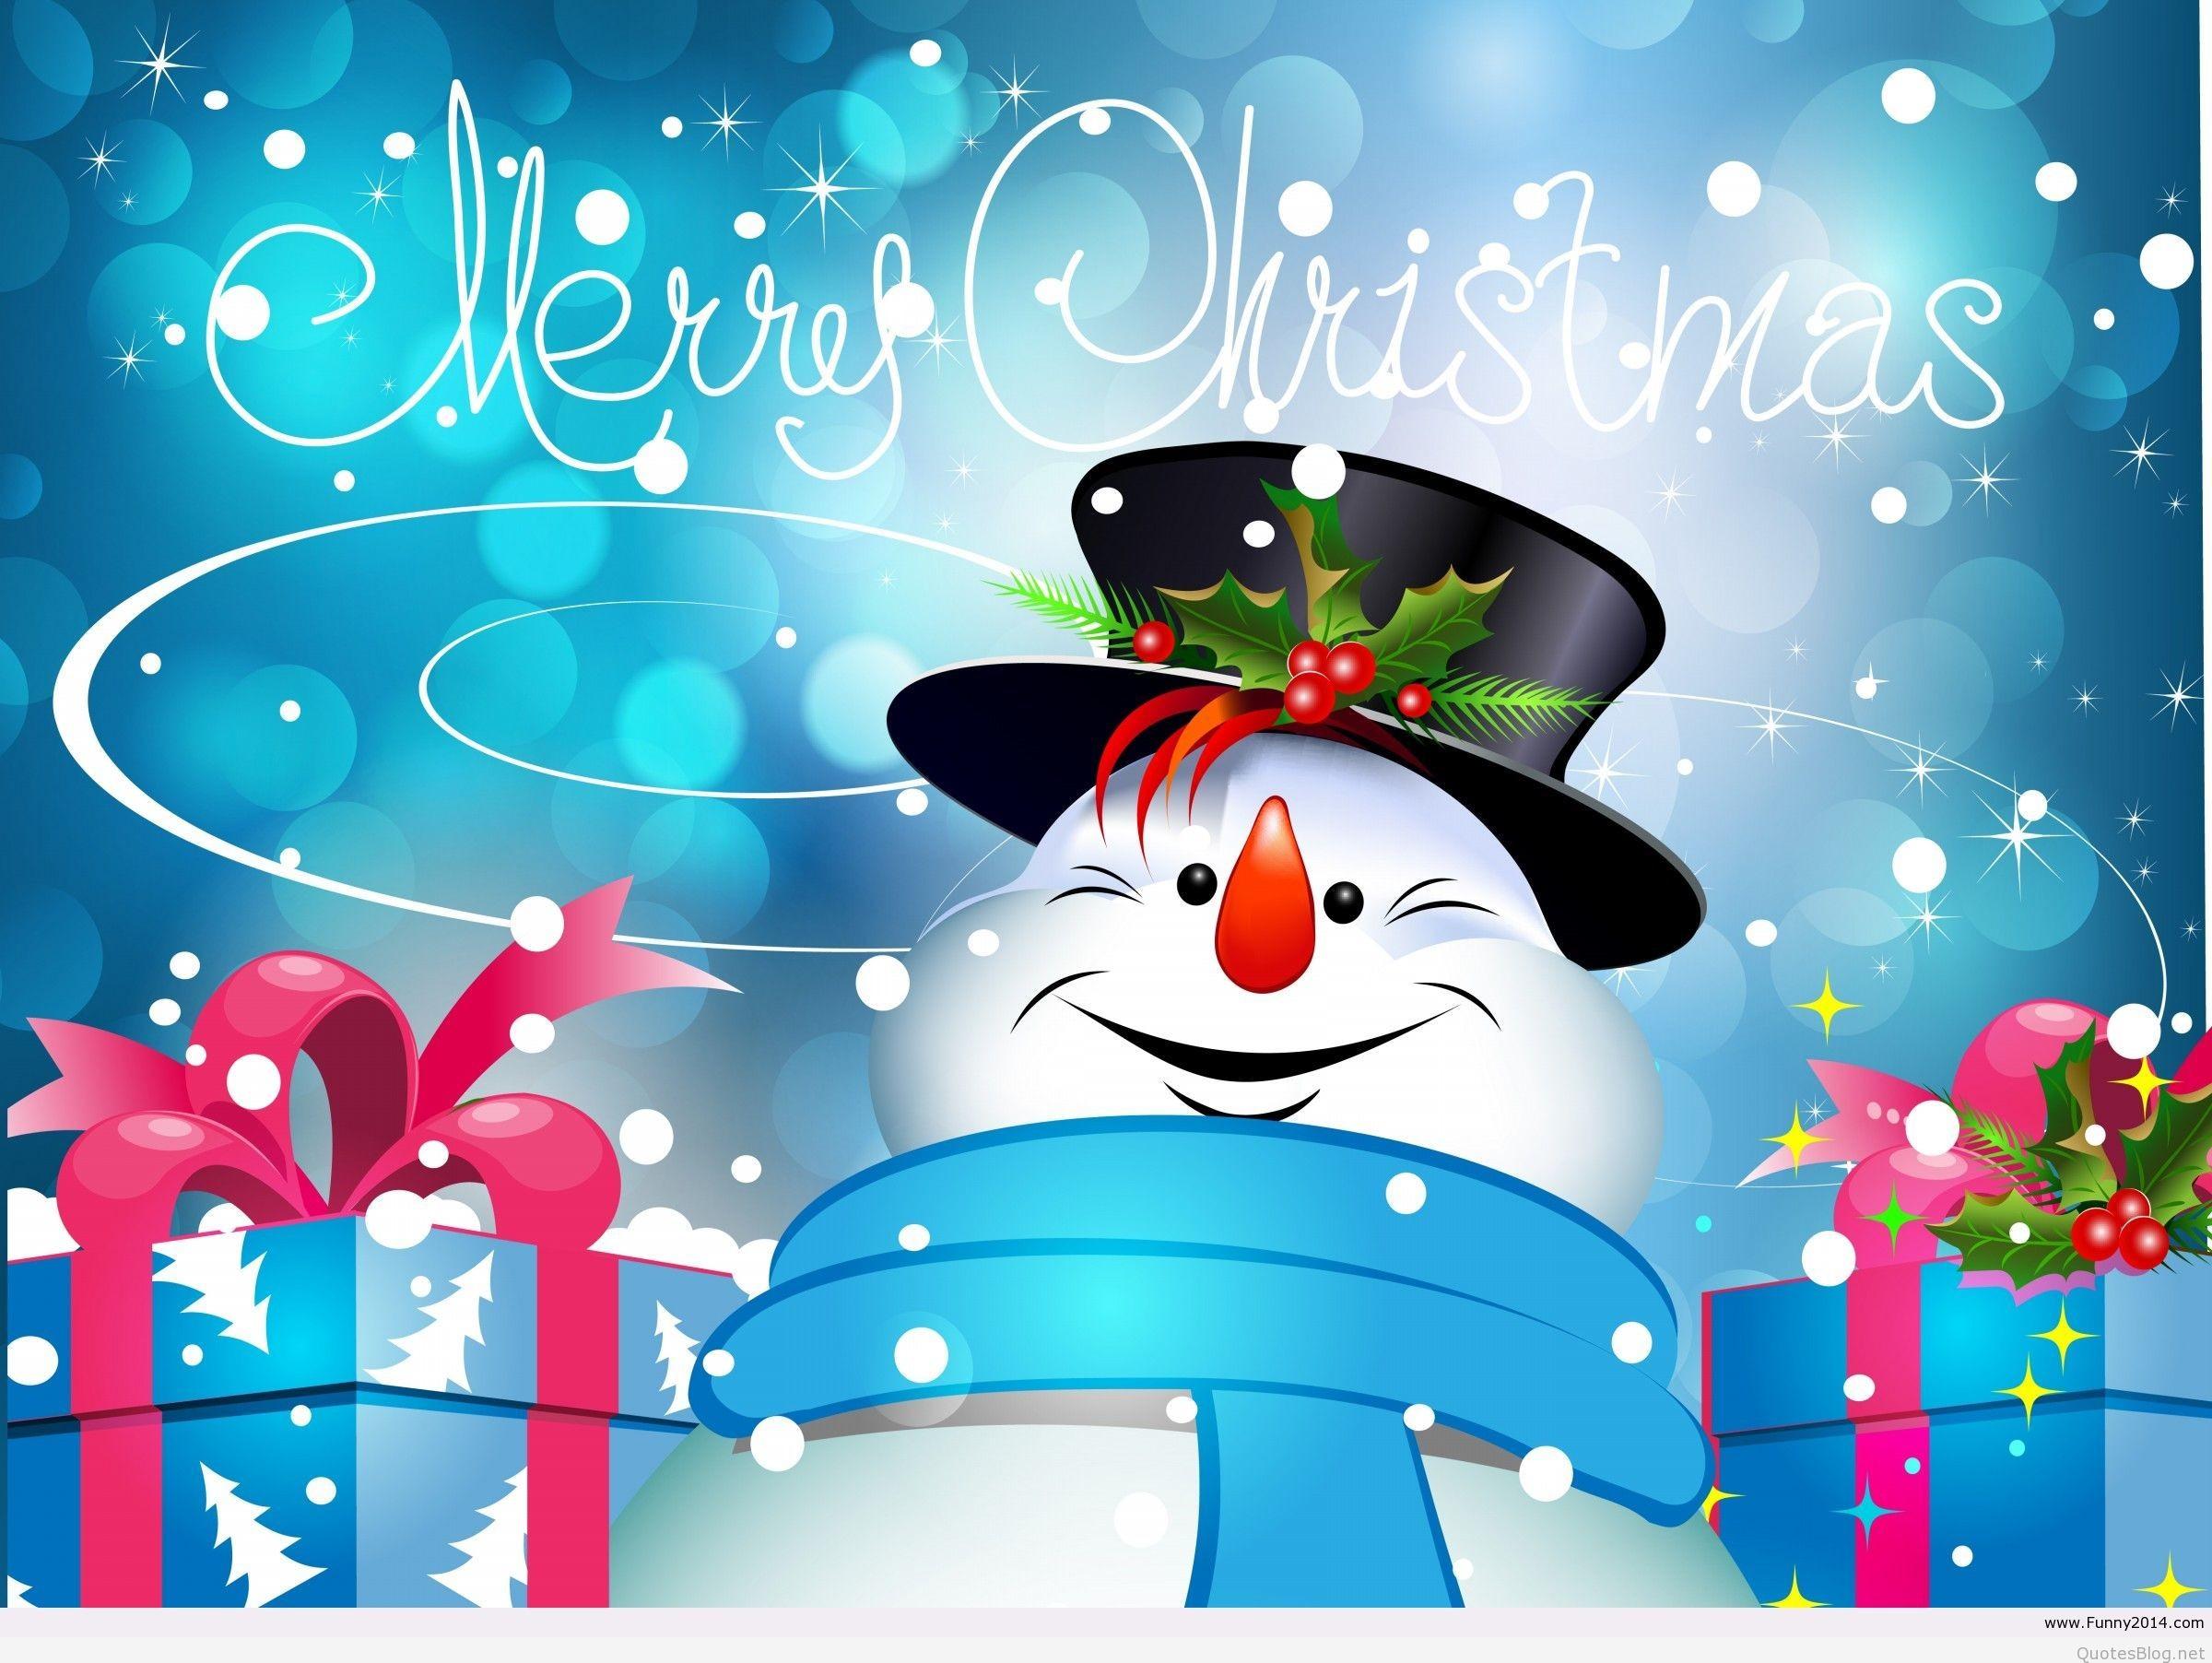 Cartoon-Snowman-Merry-Christmas-Artwork-Wallpaper